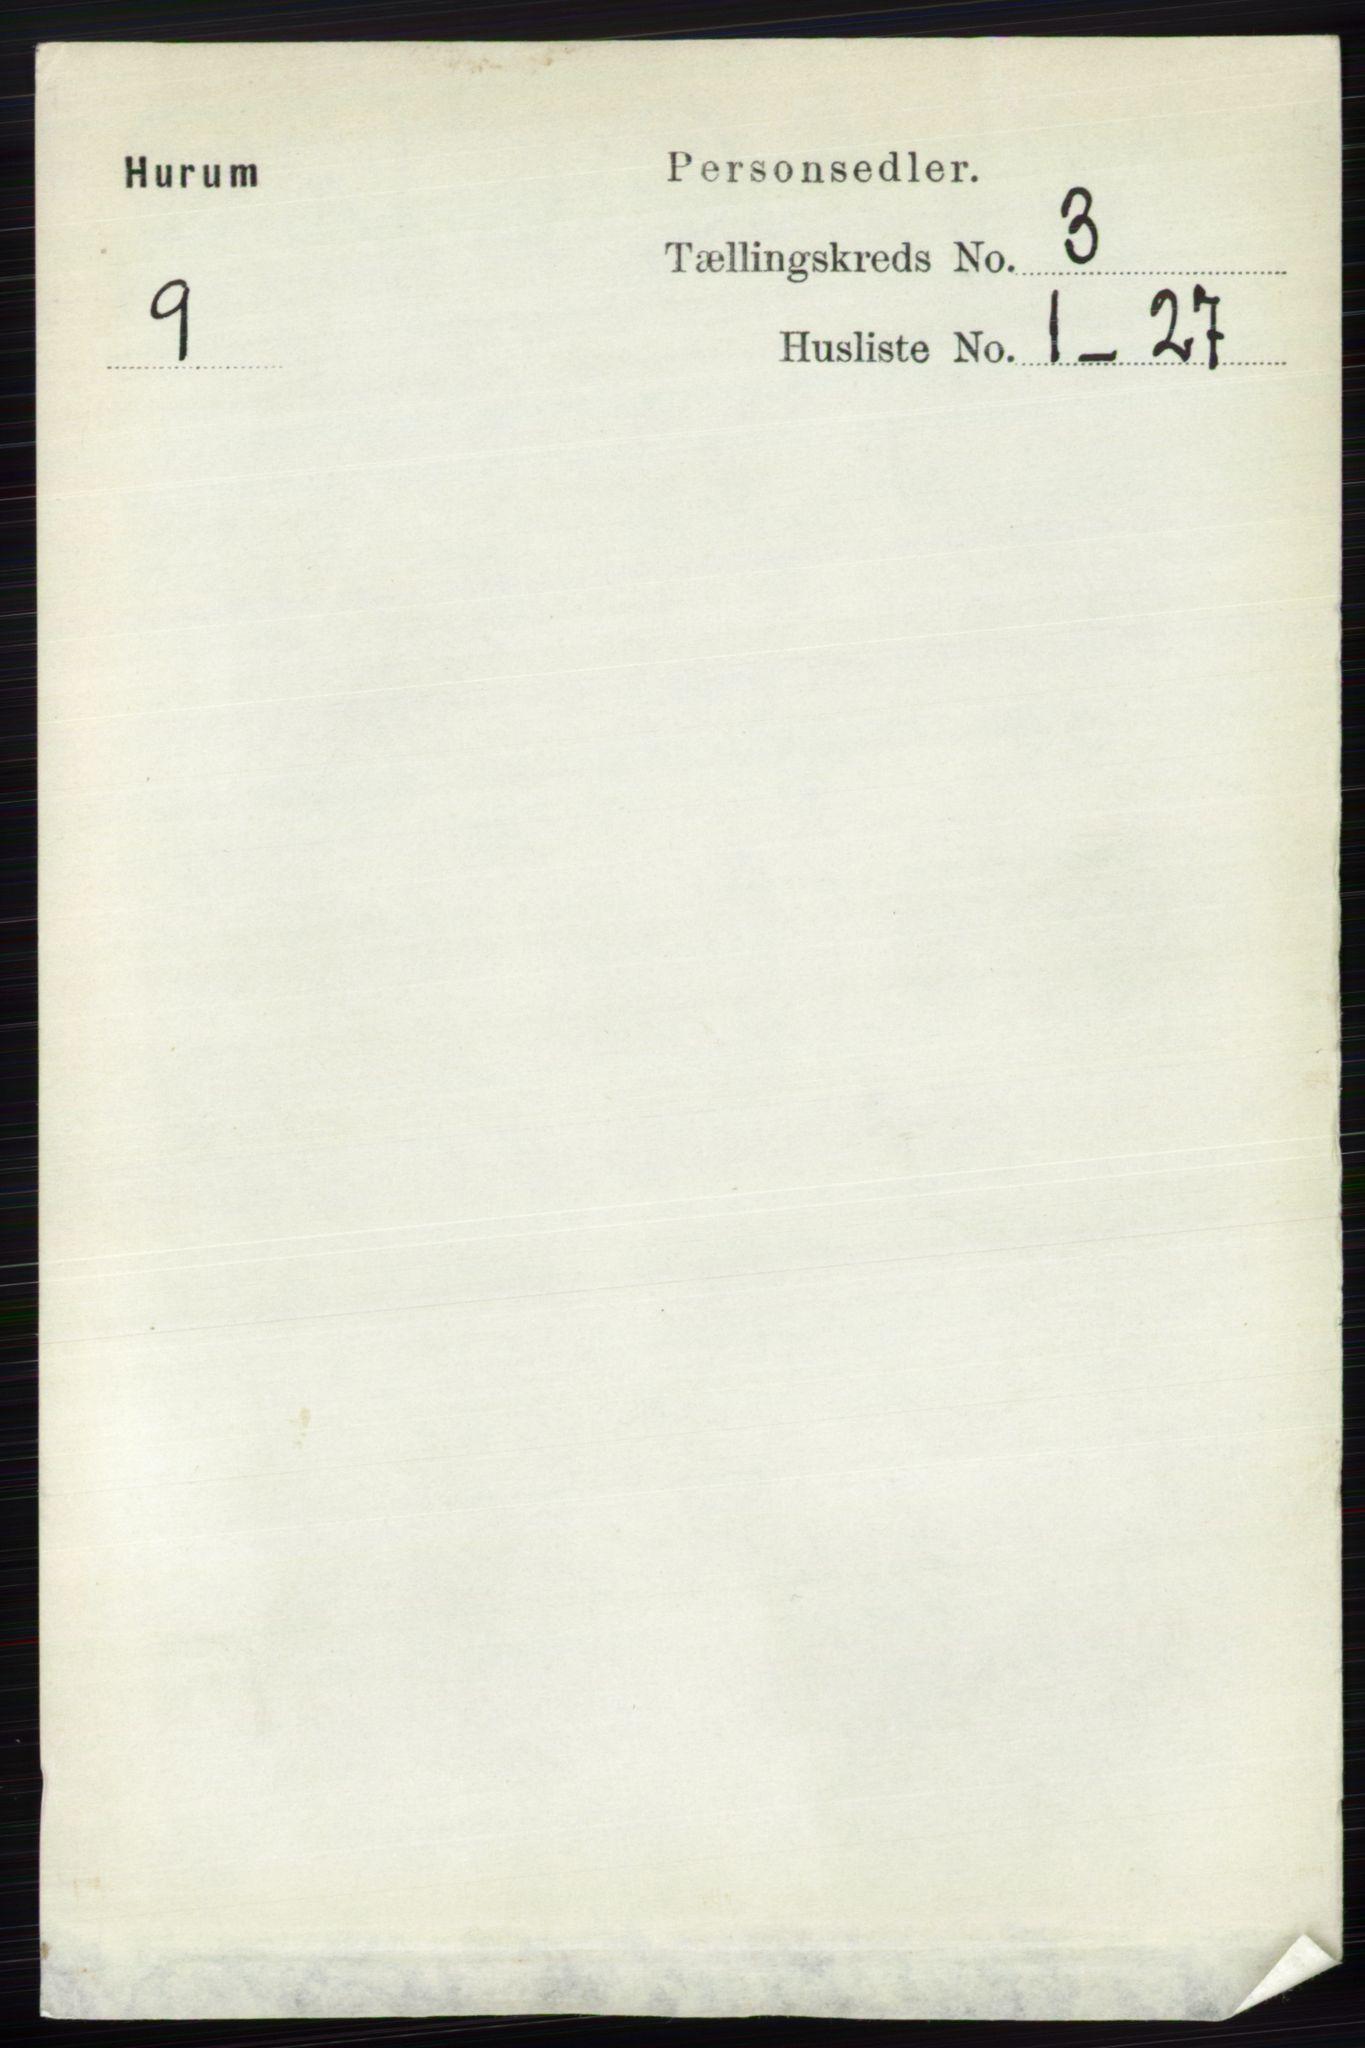 RA, Folketelling 1891 for 0628 Hurum herred, 1891, s. 948